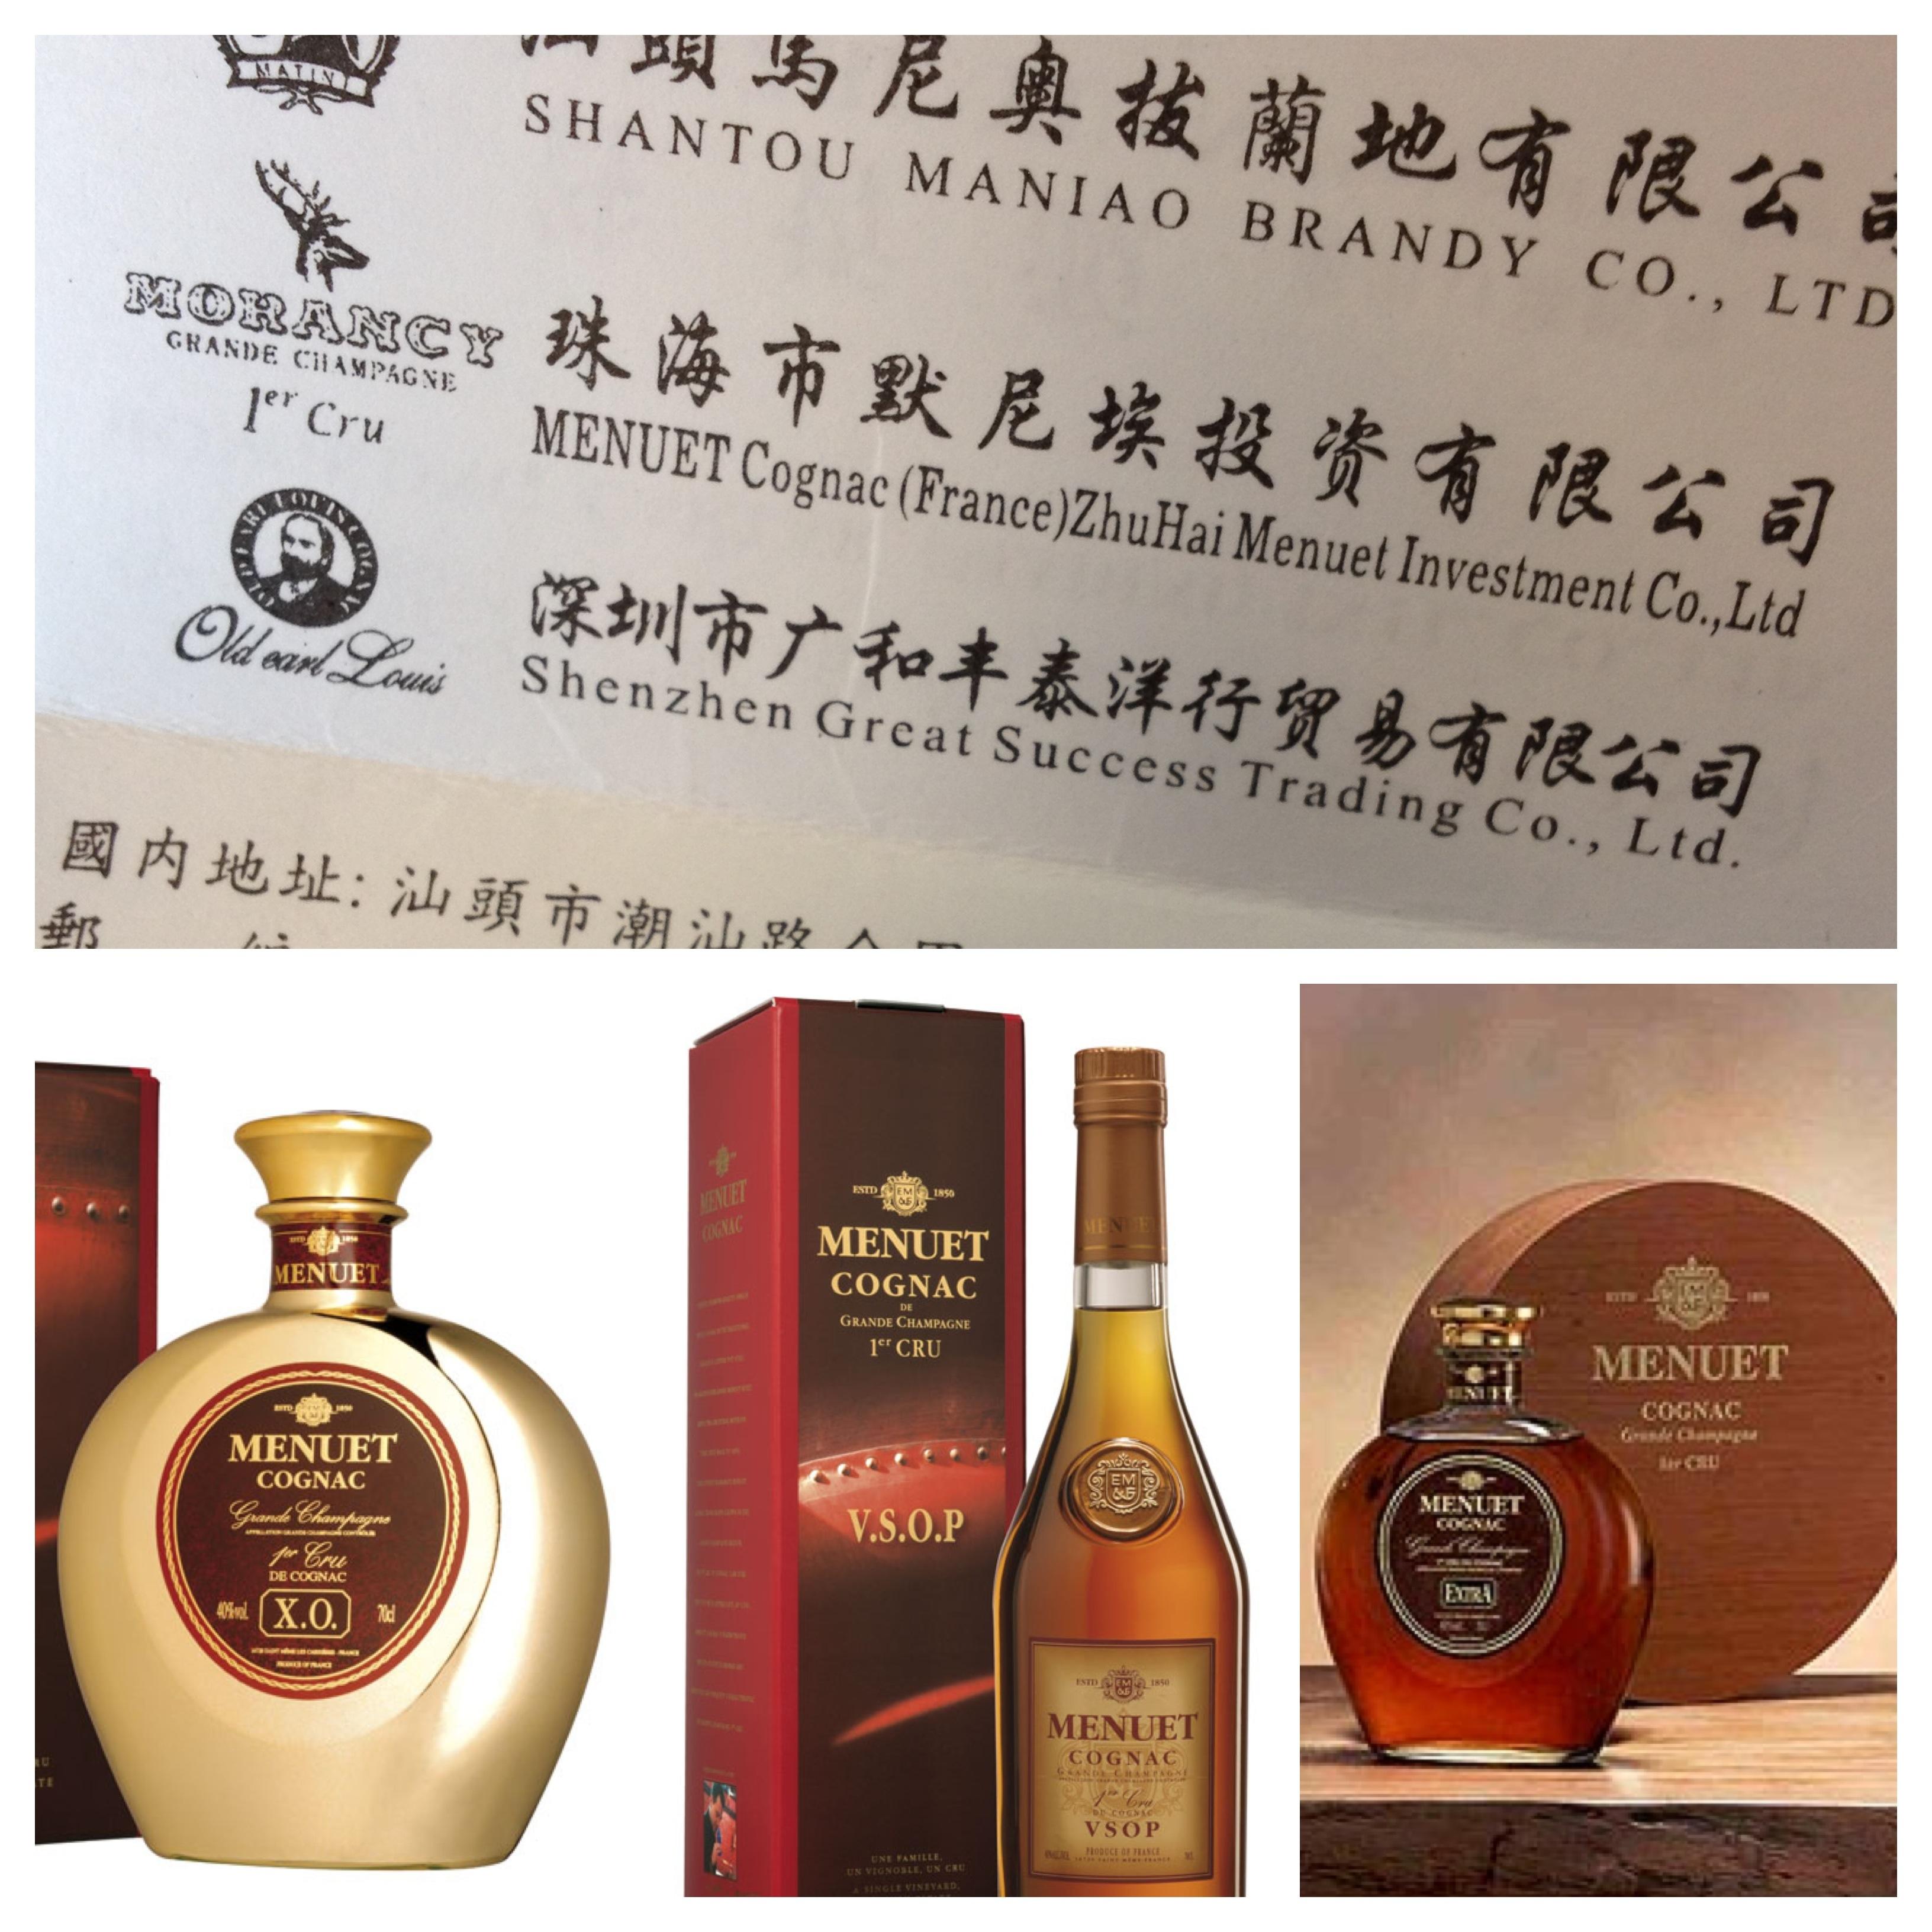 Menuet and Brandy Export brands, Menuet bottles